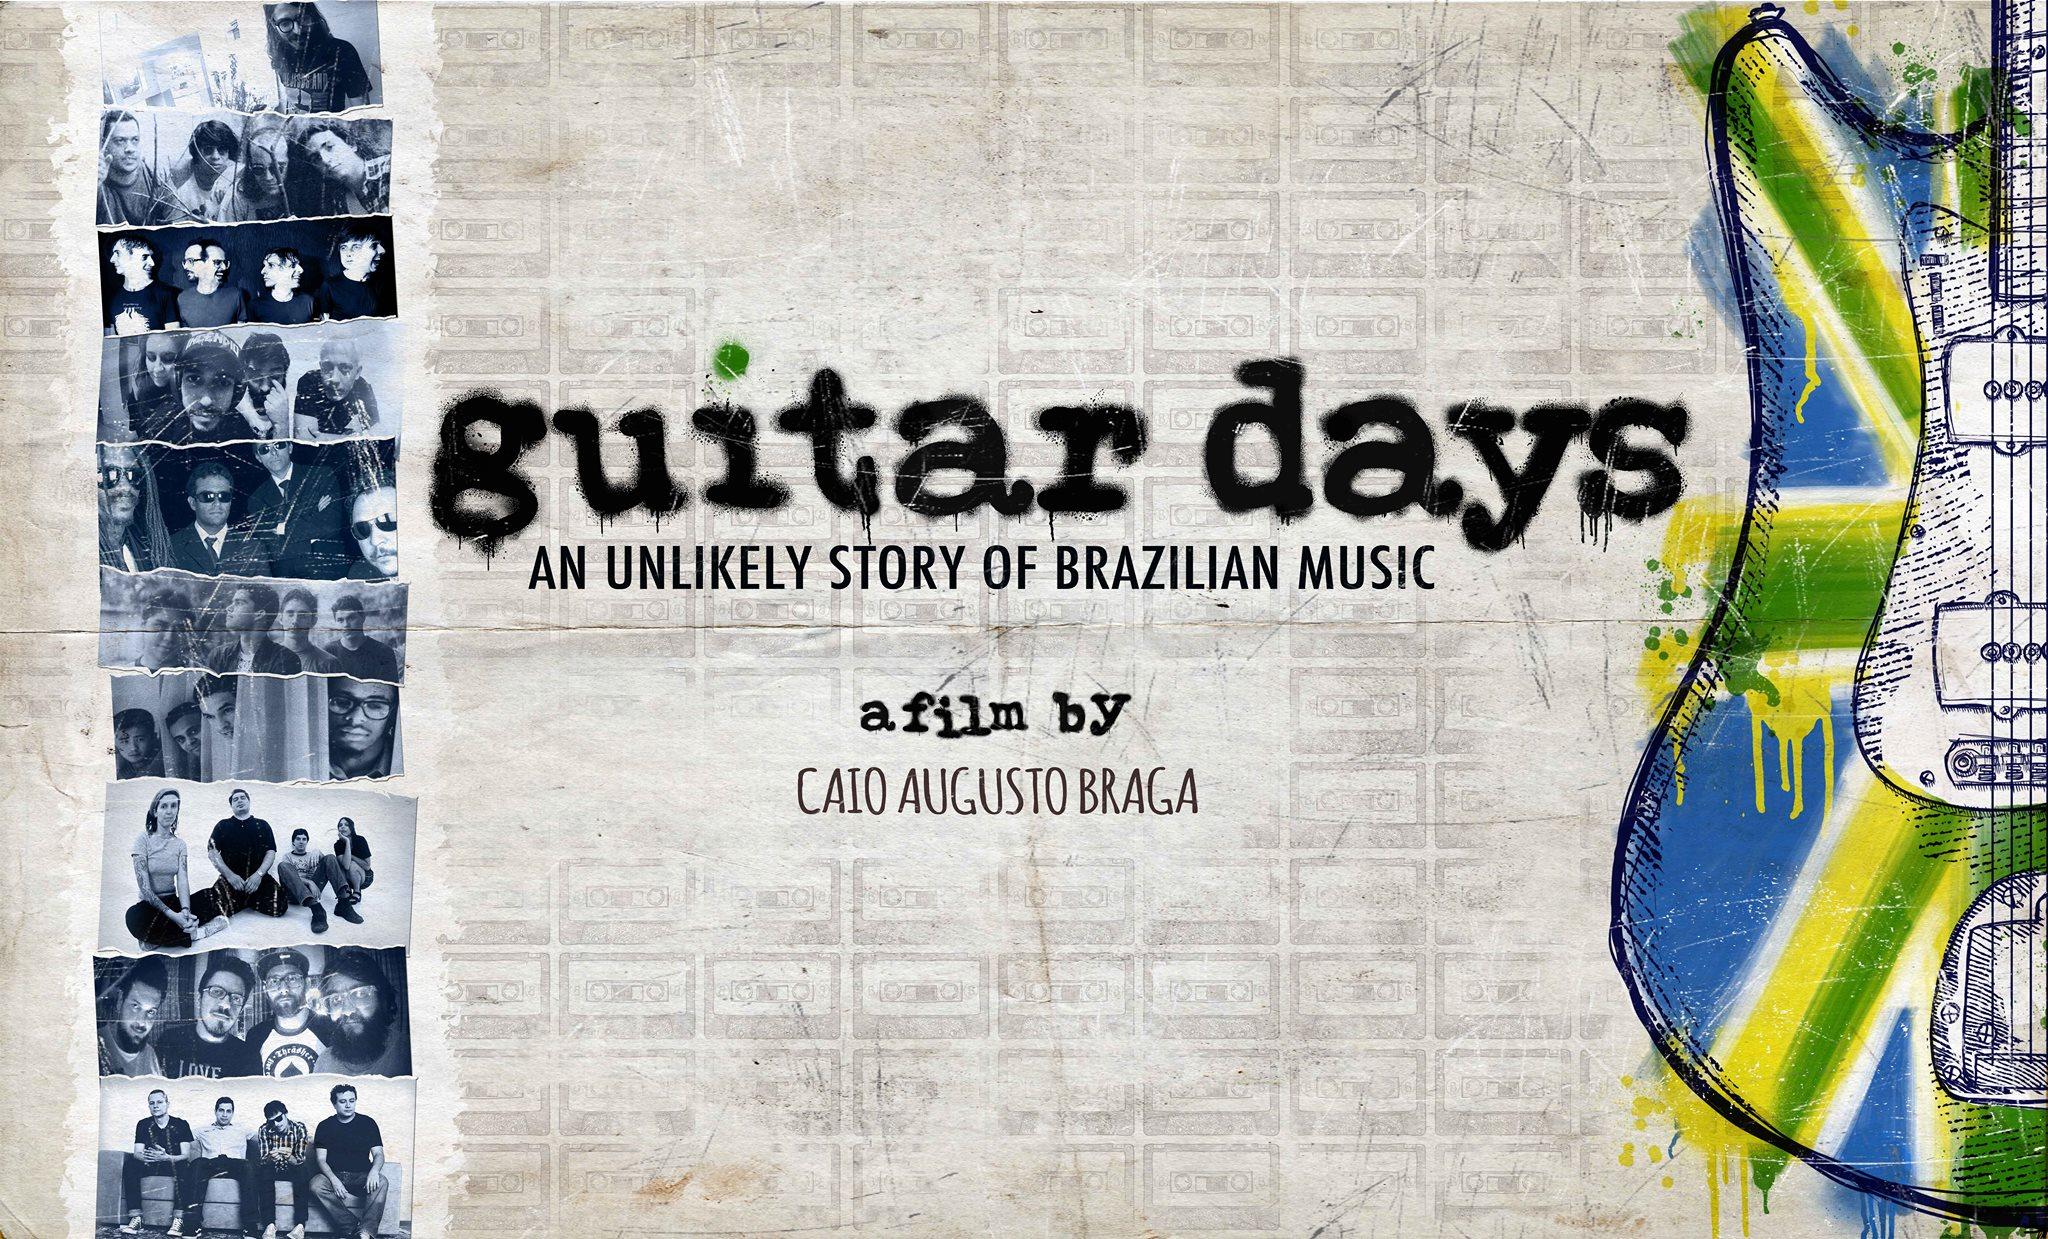 Guitar Days apresenta a volta histórica da banda Killing Chainsaw aos palcos